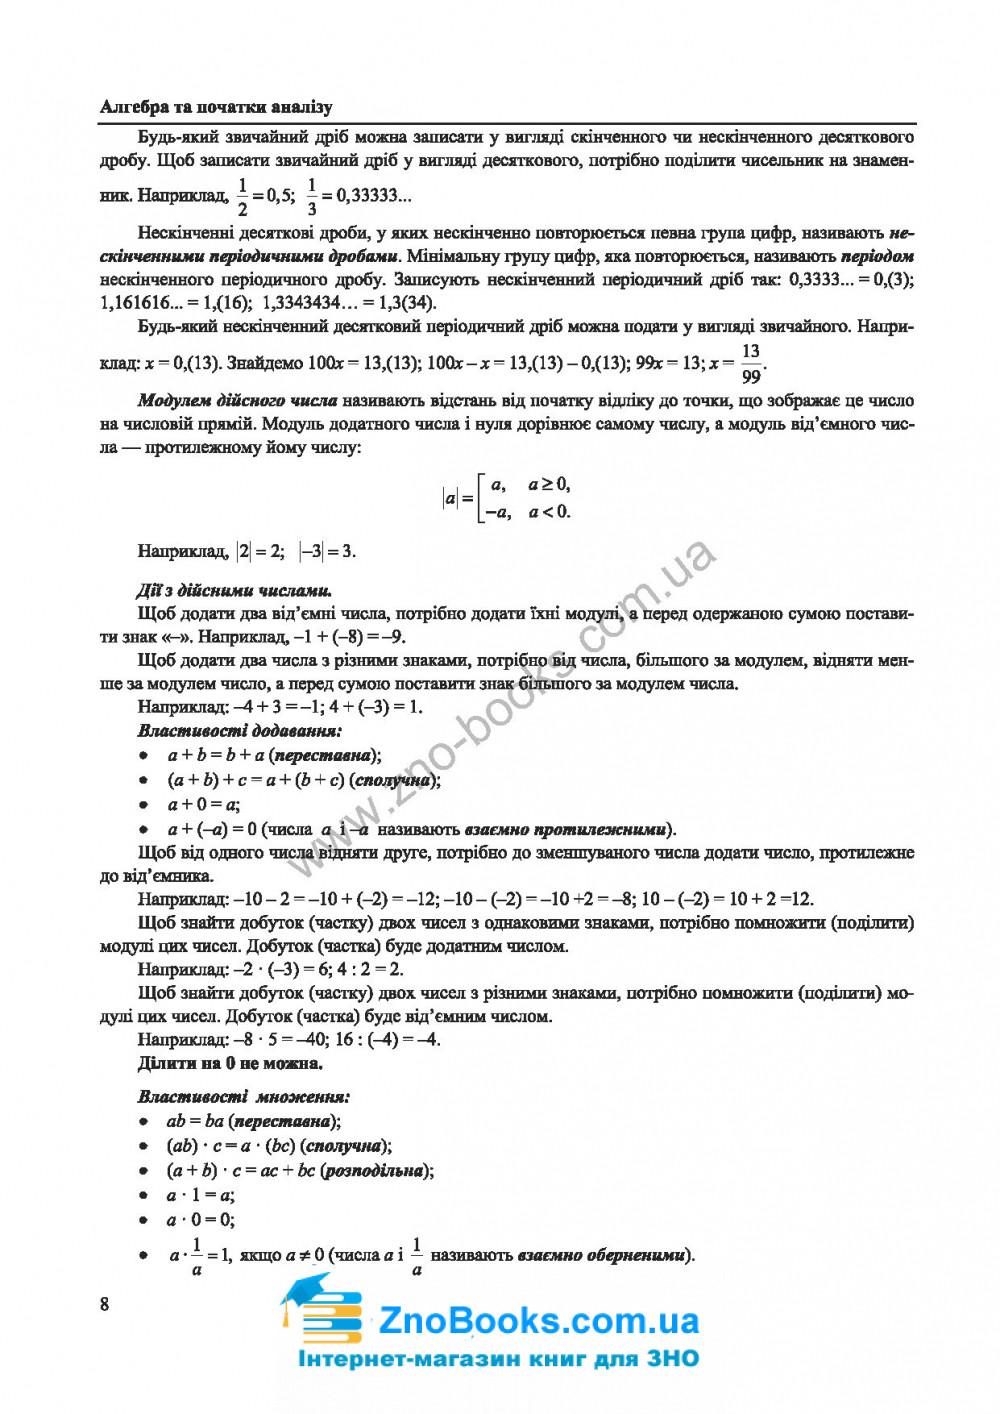 ЗНО 2022 Математика. Комплексне видання : Капеняк І., Гринчишин Я., Мартинюк О. Підручники і посібники 6